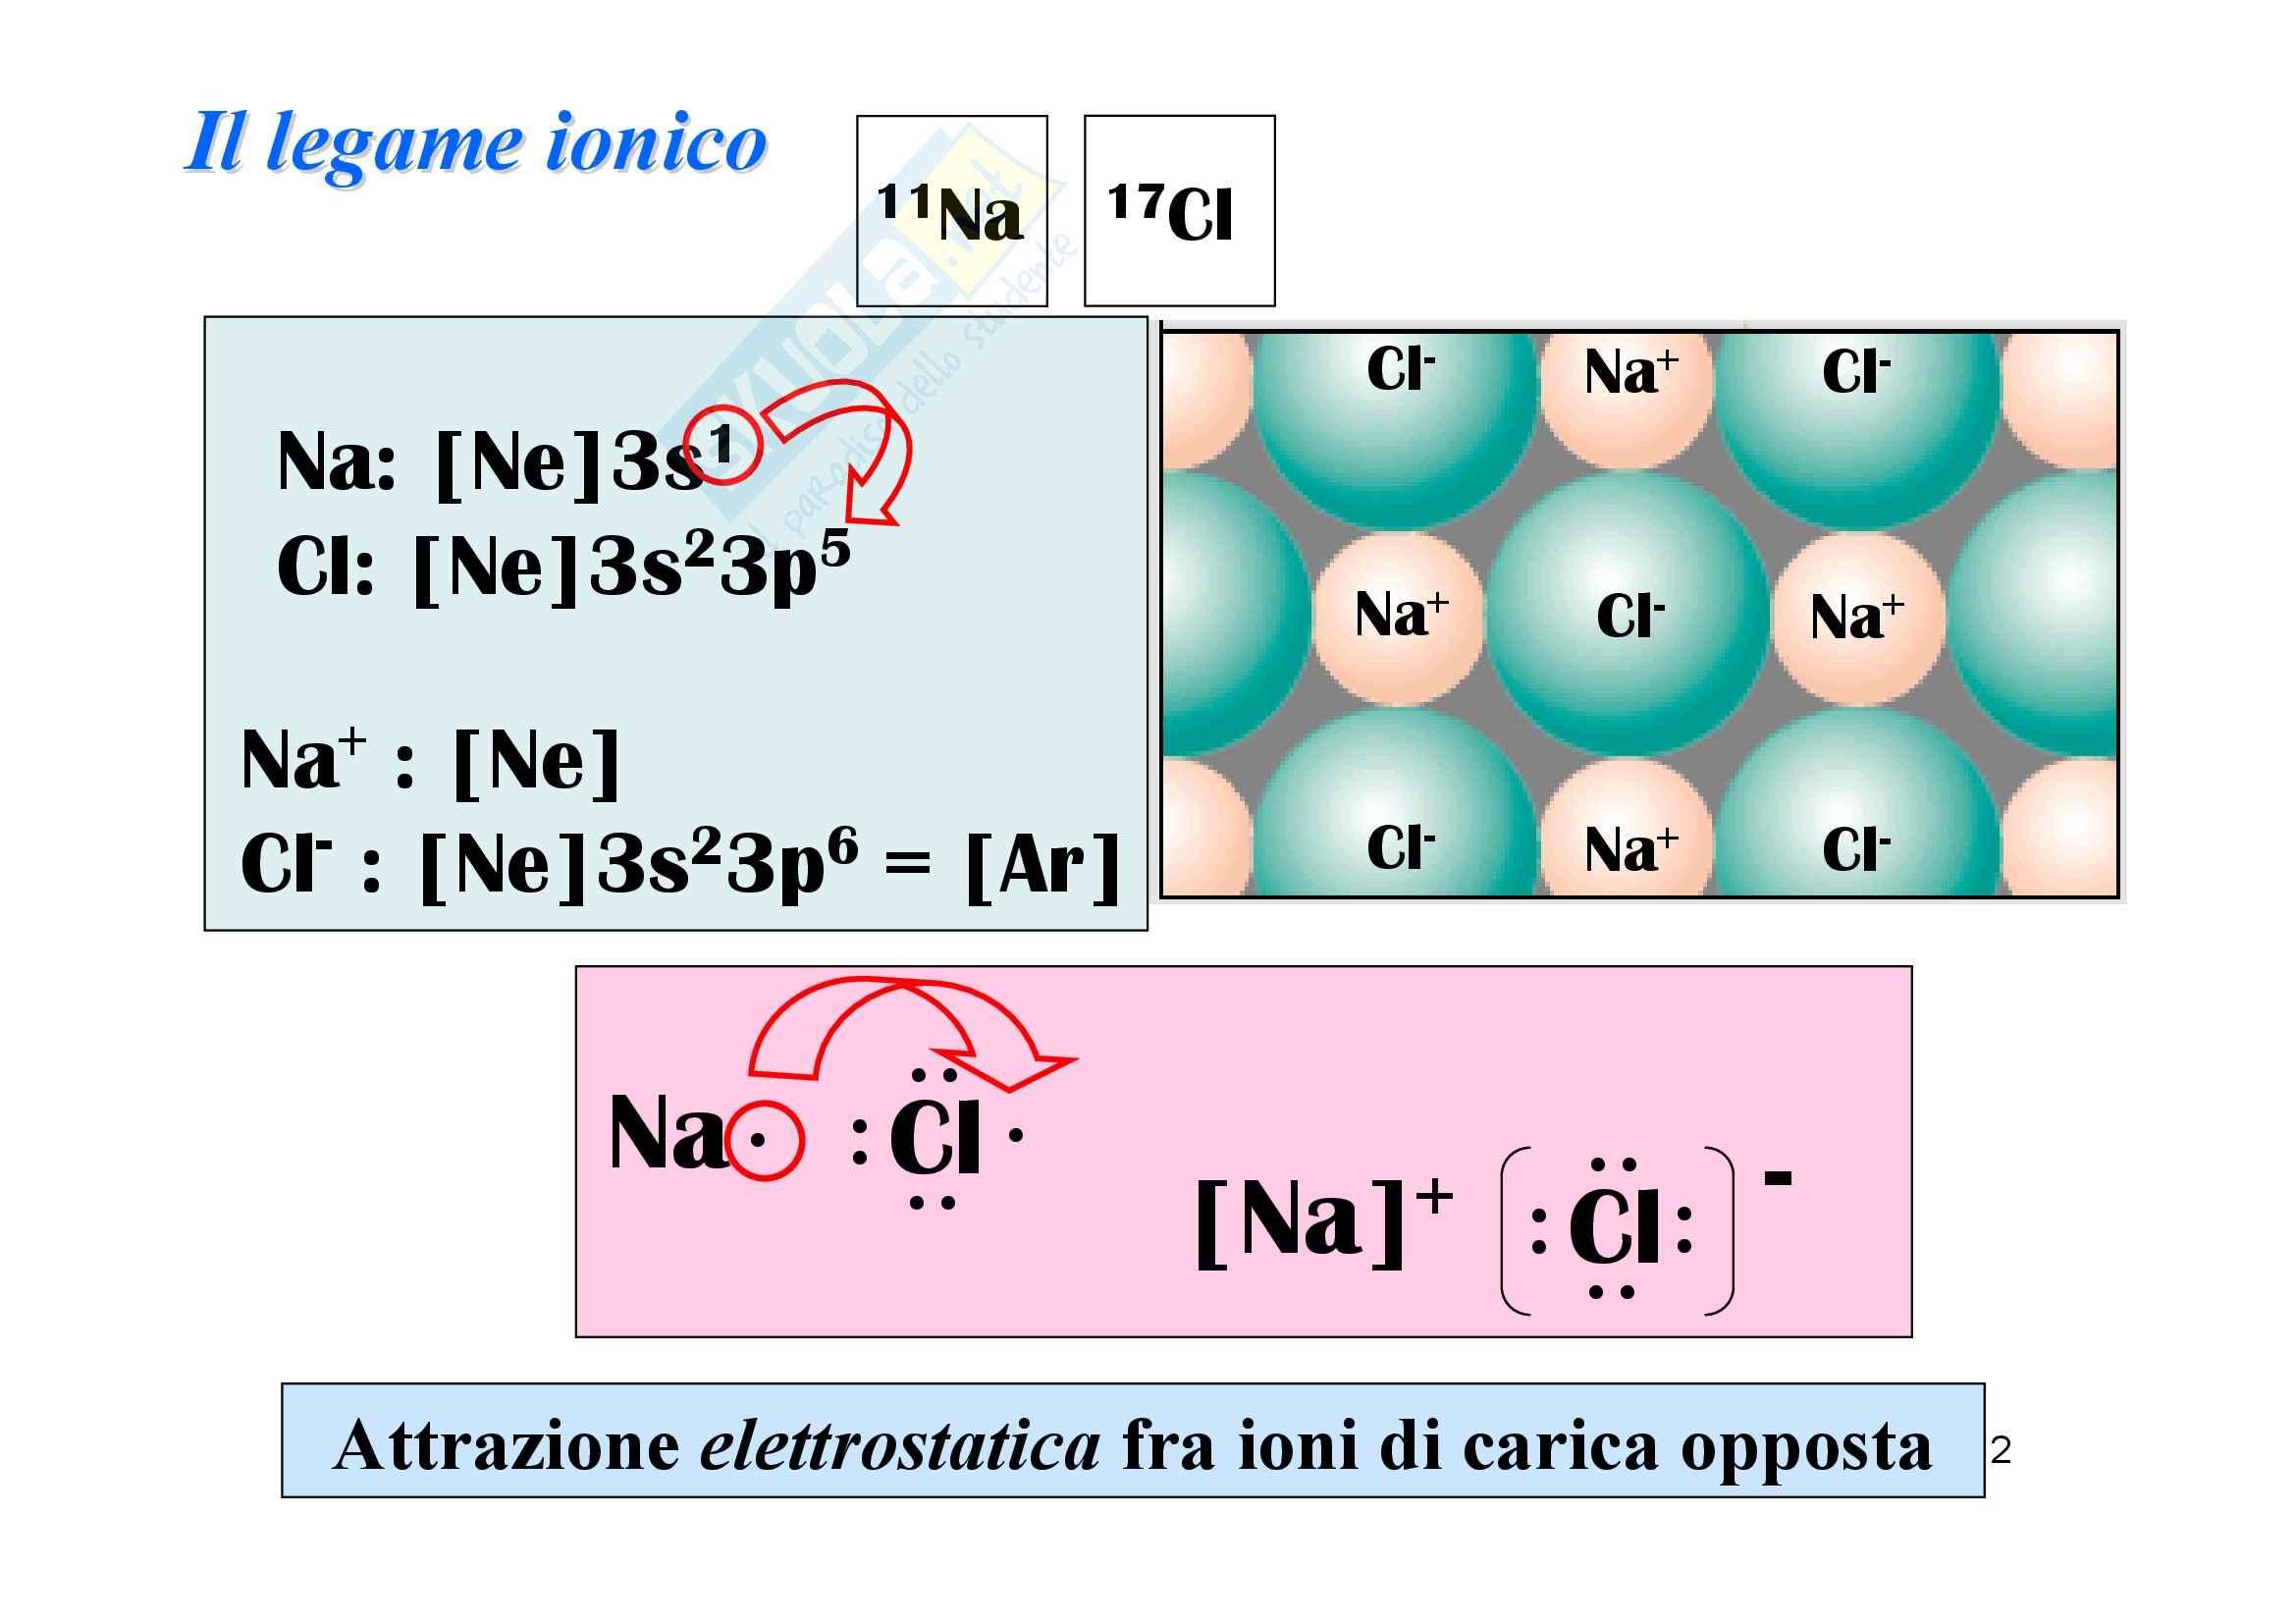 Chimica generale e inorganica - il legame ionico Pag. 2